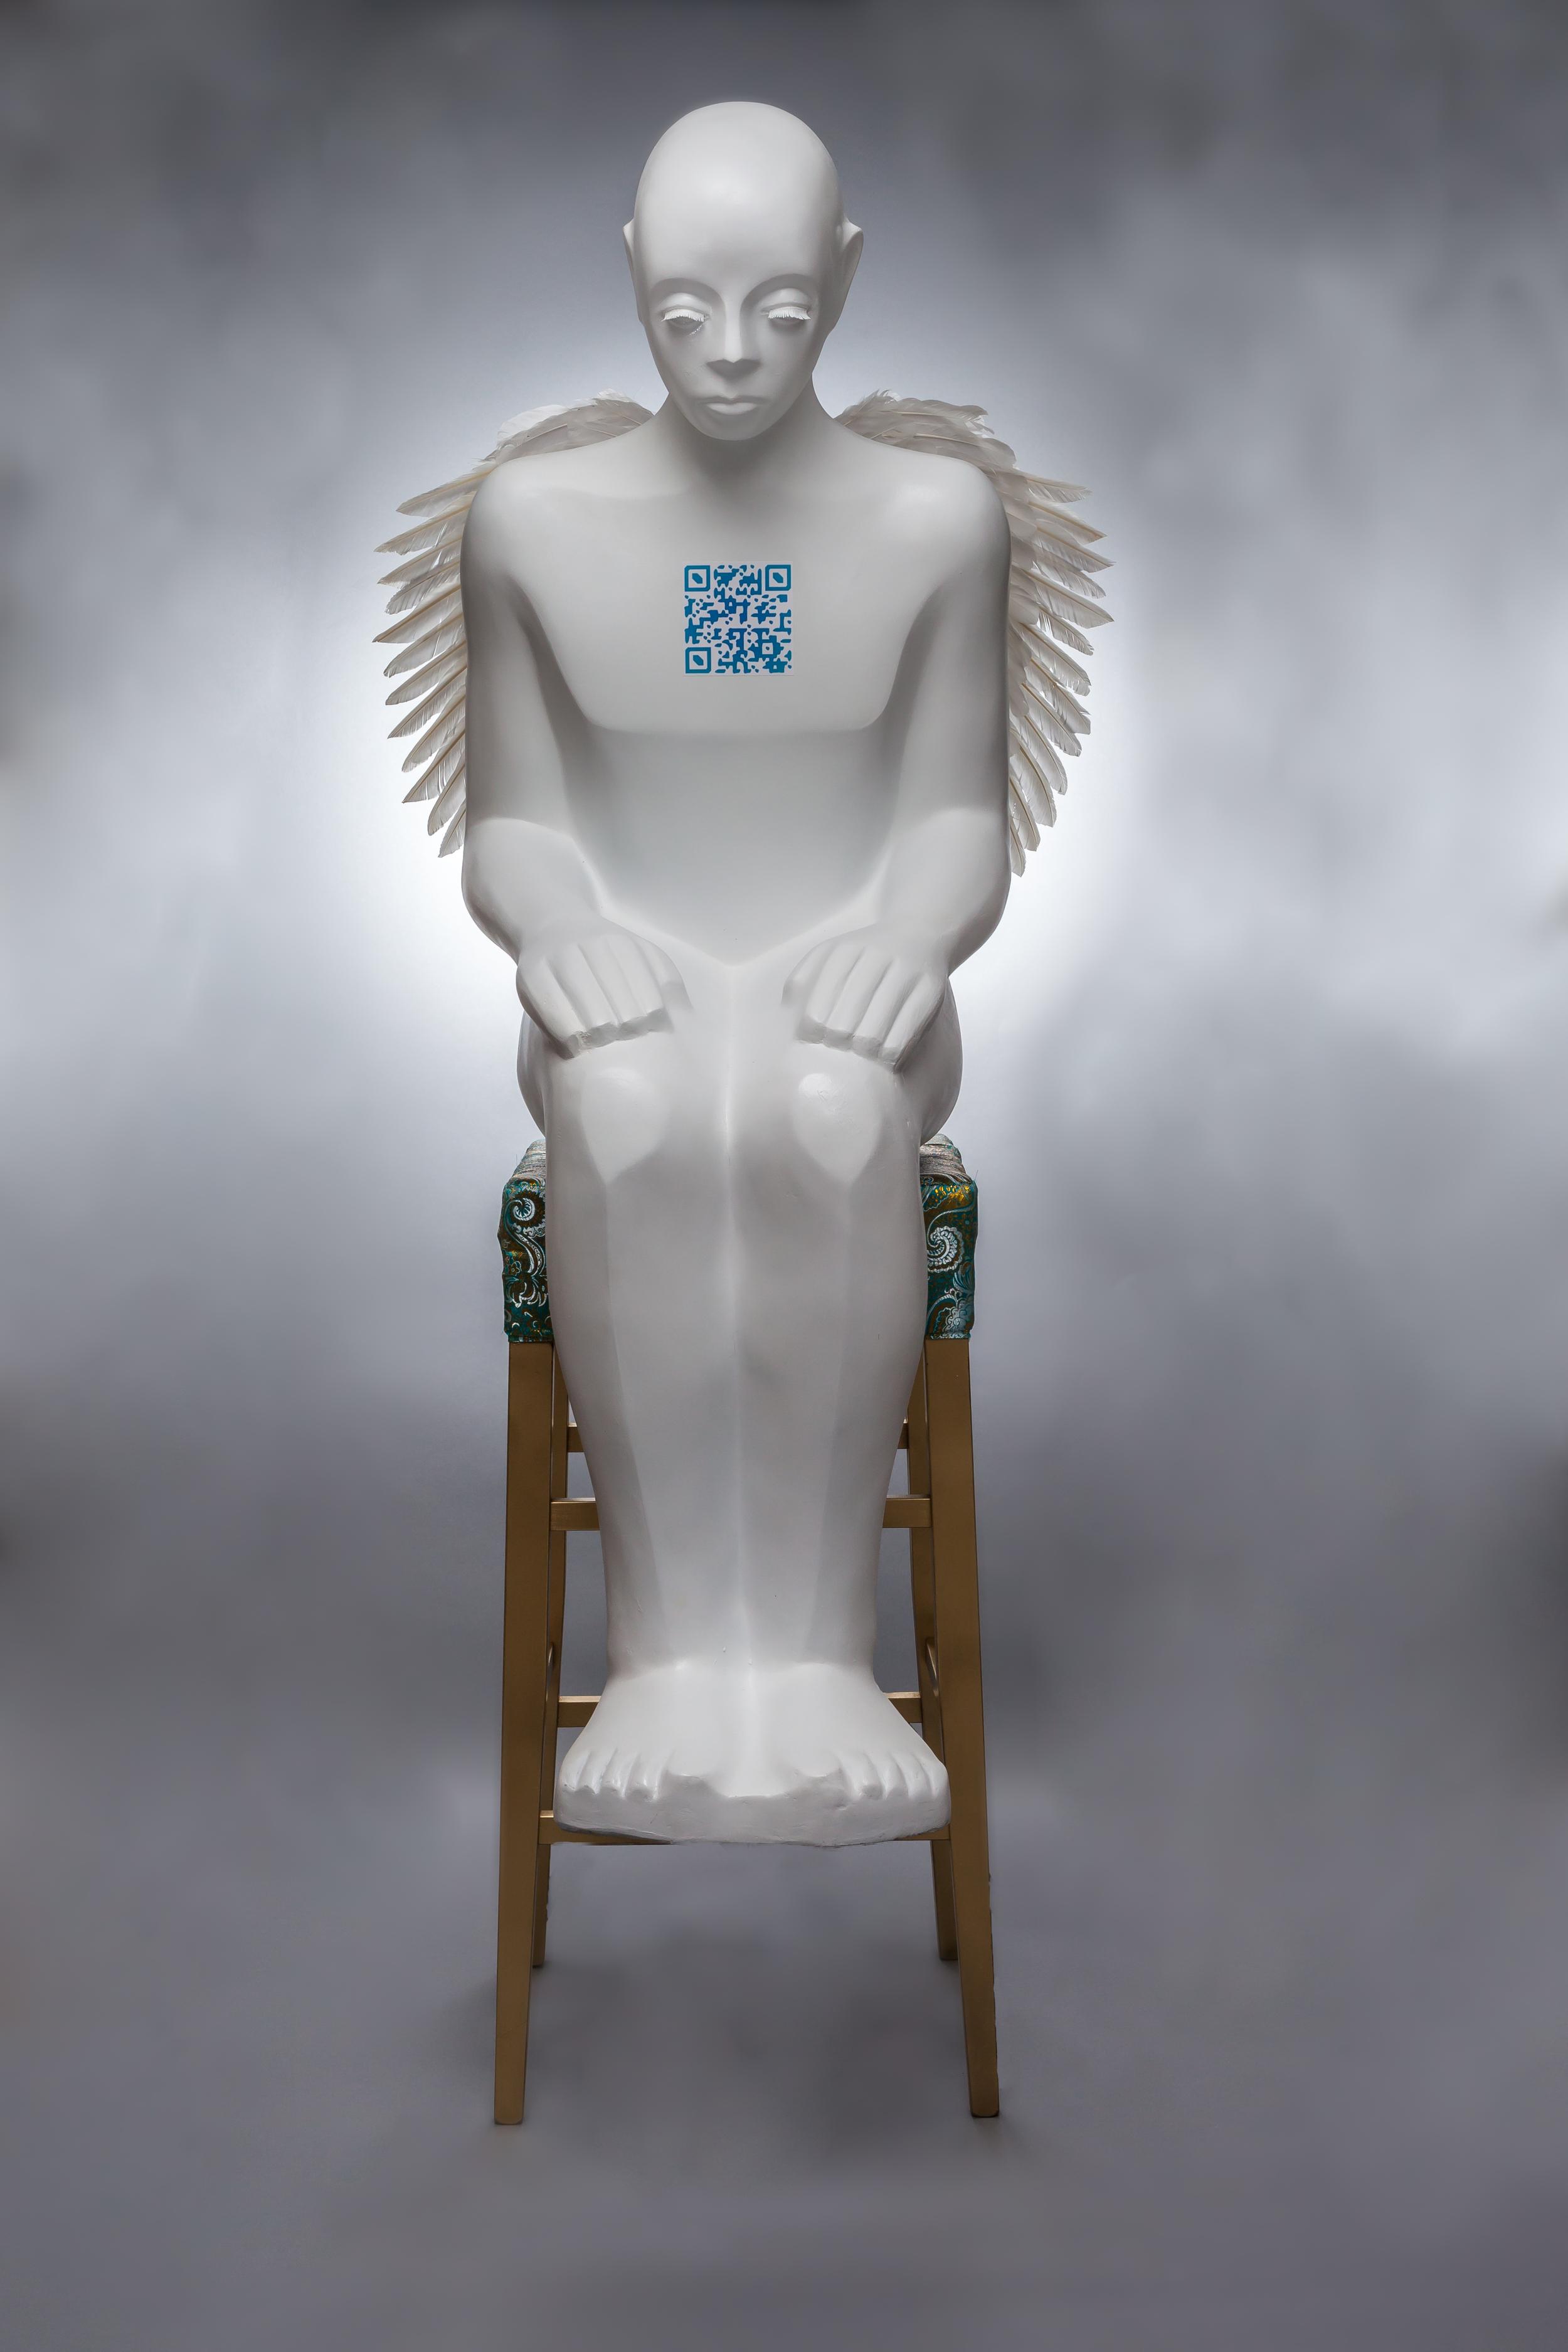 sculpture22 (1).jpg